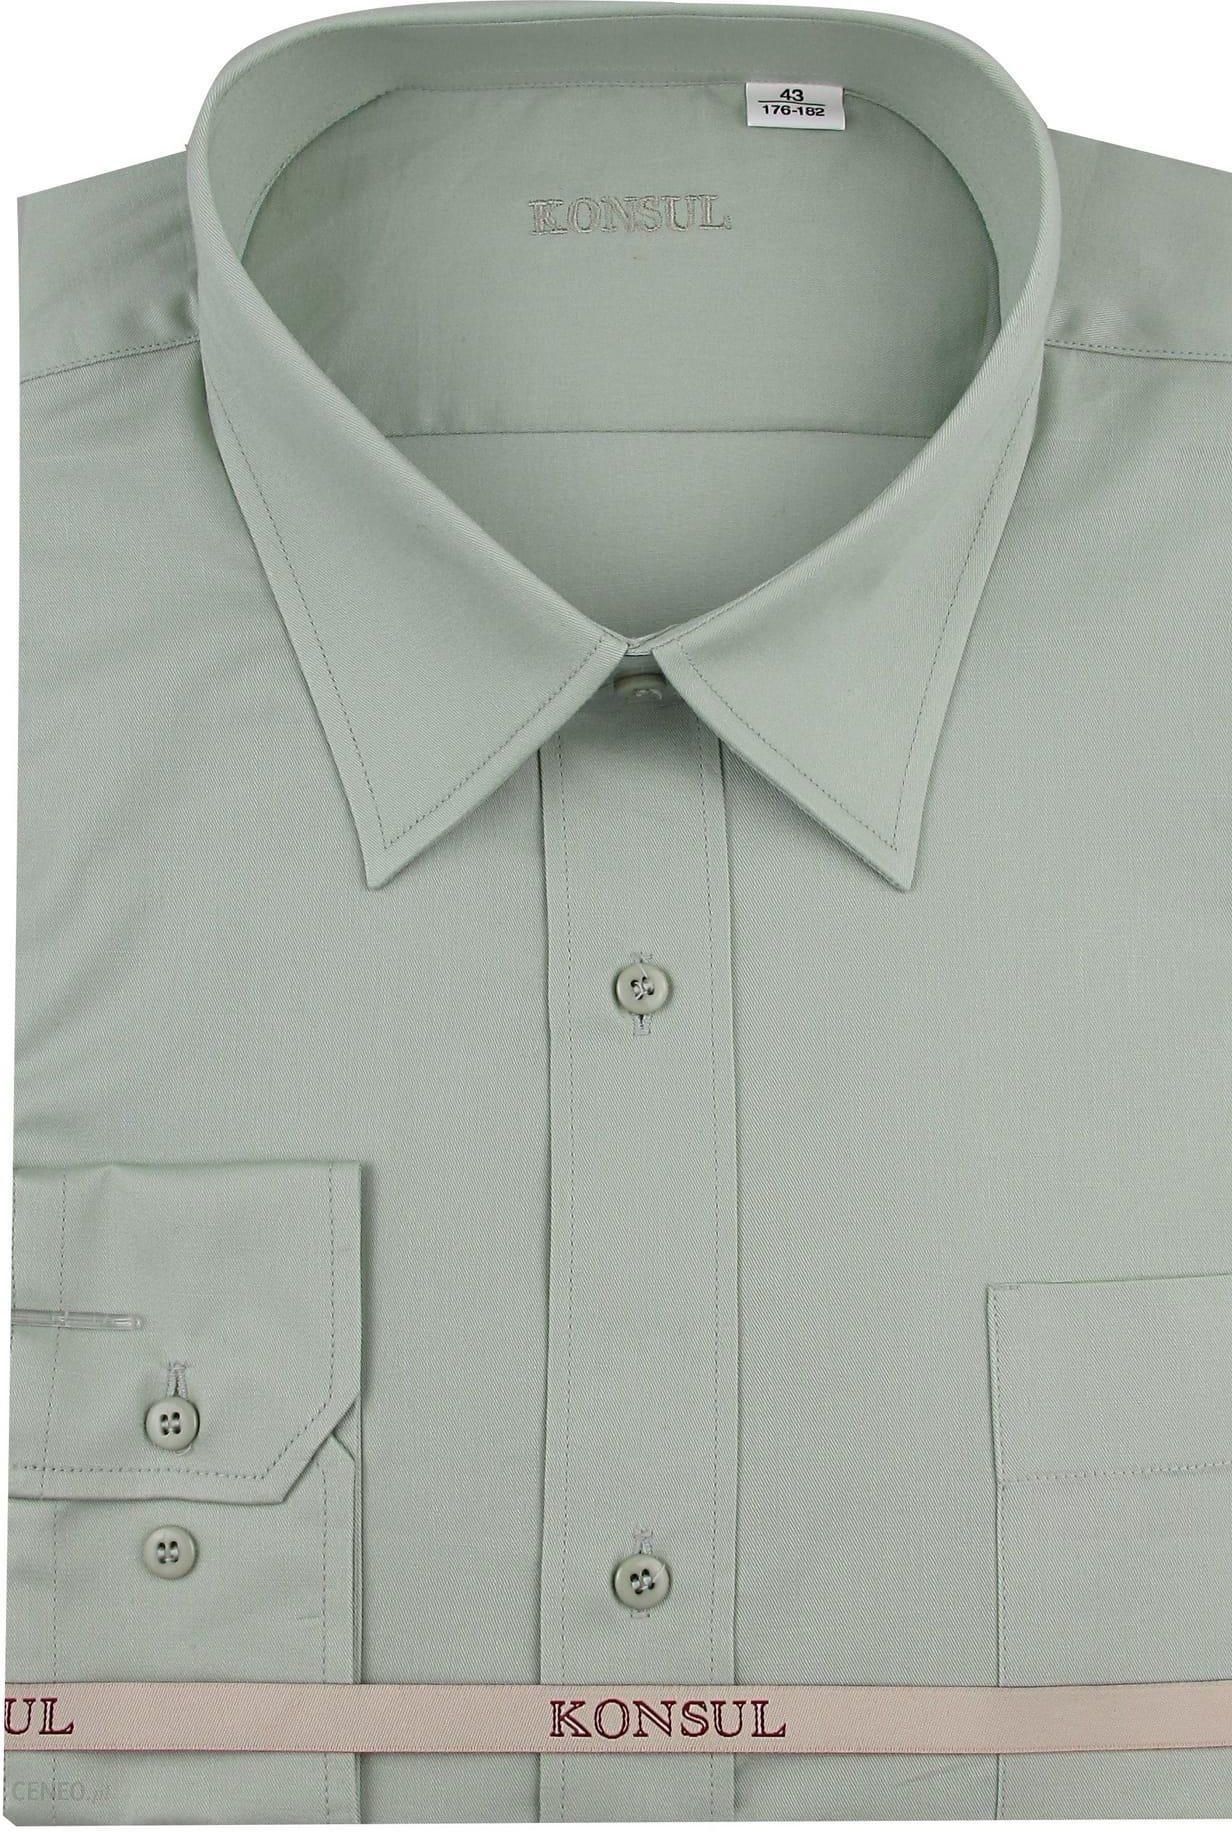 Koszula Męska Konsul gładka oliwkowa na długi rękaw 100  zgSoP